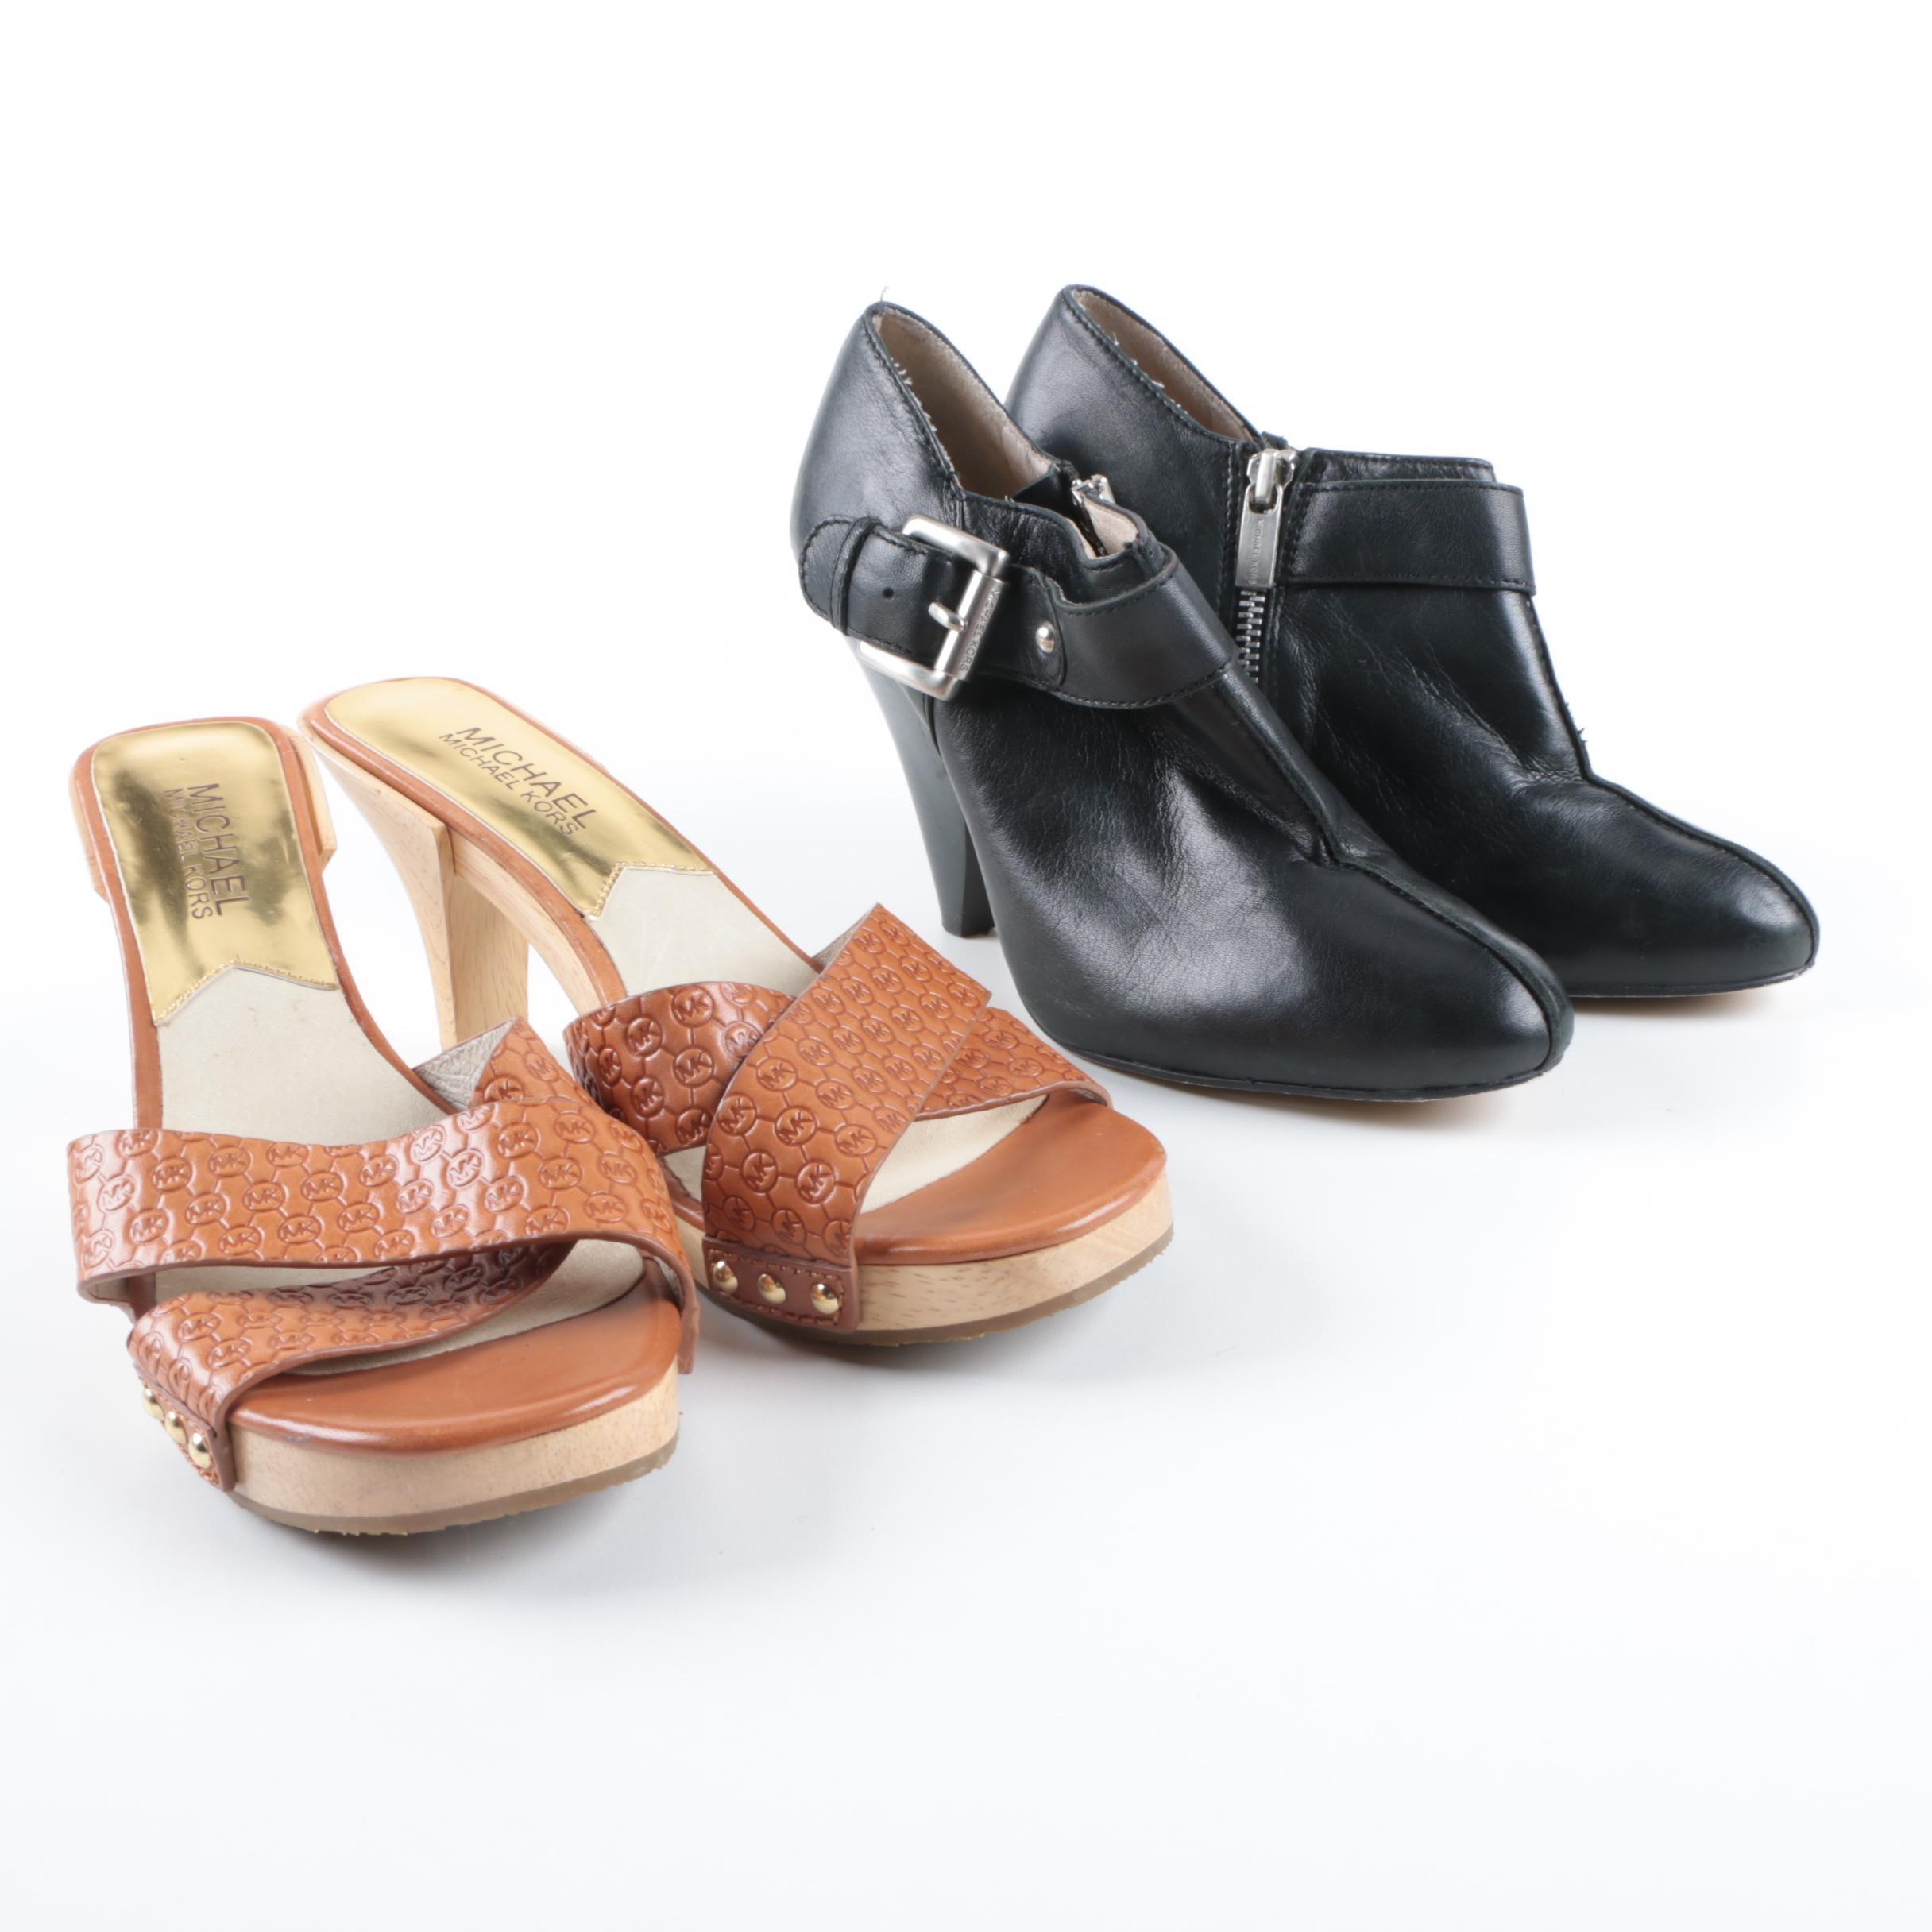 MICHAEL Michael Kors High Heel Sandals and Booties